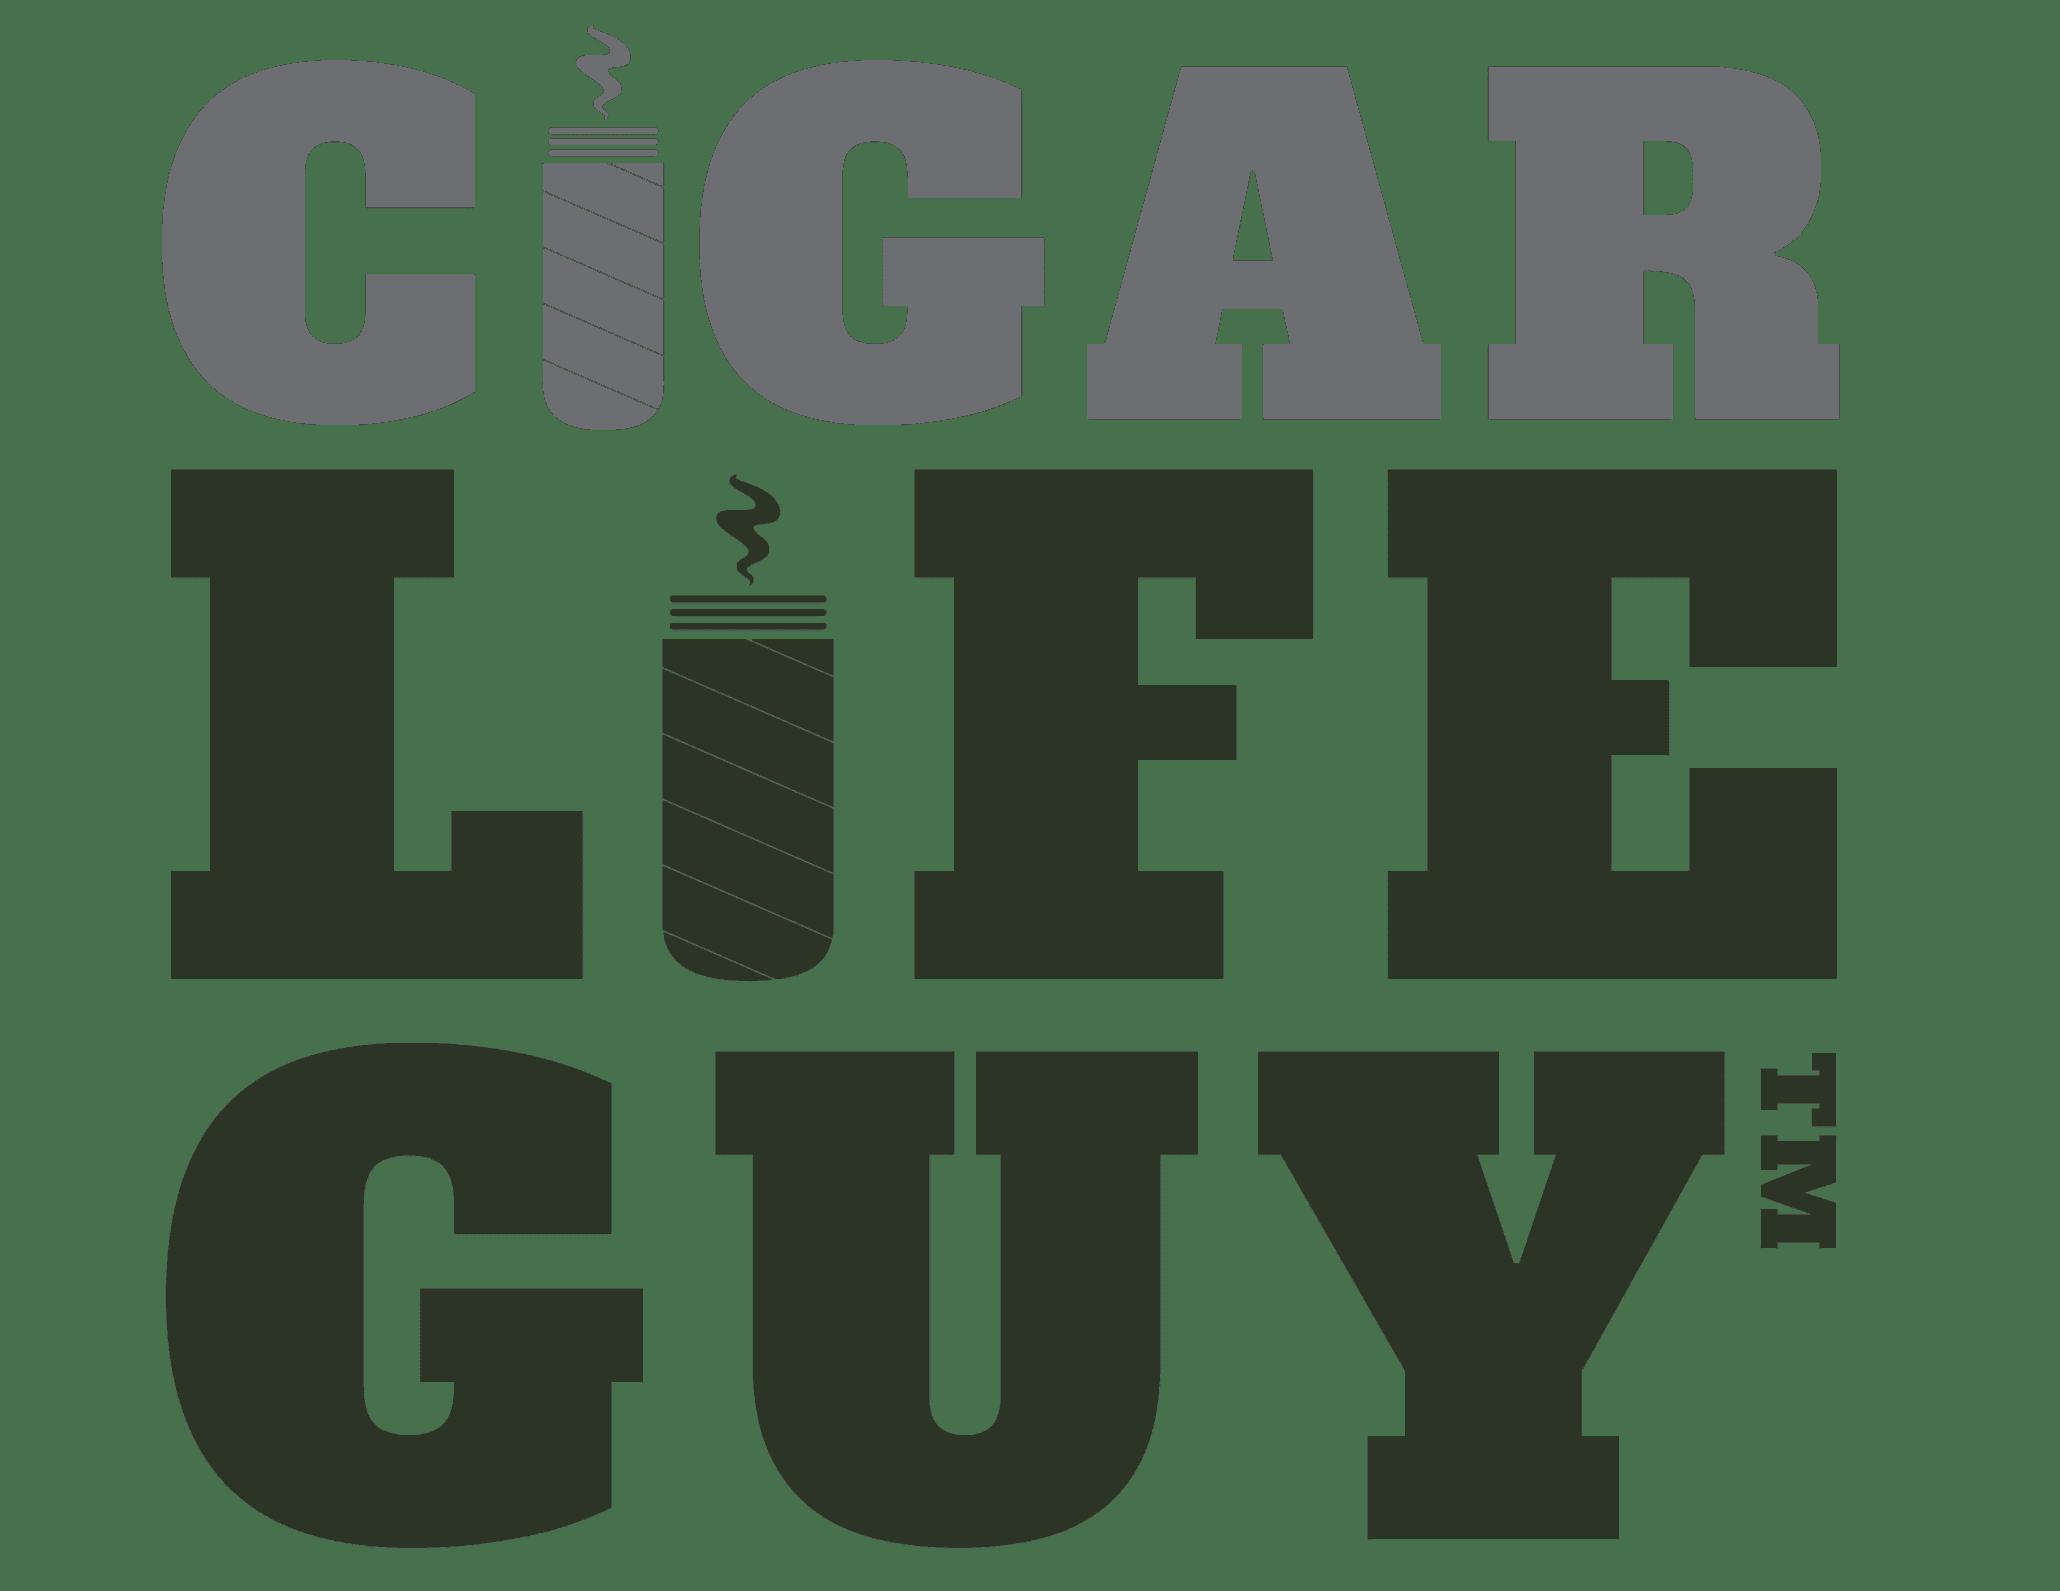 Cigar Life Guy